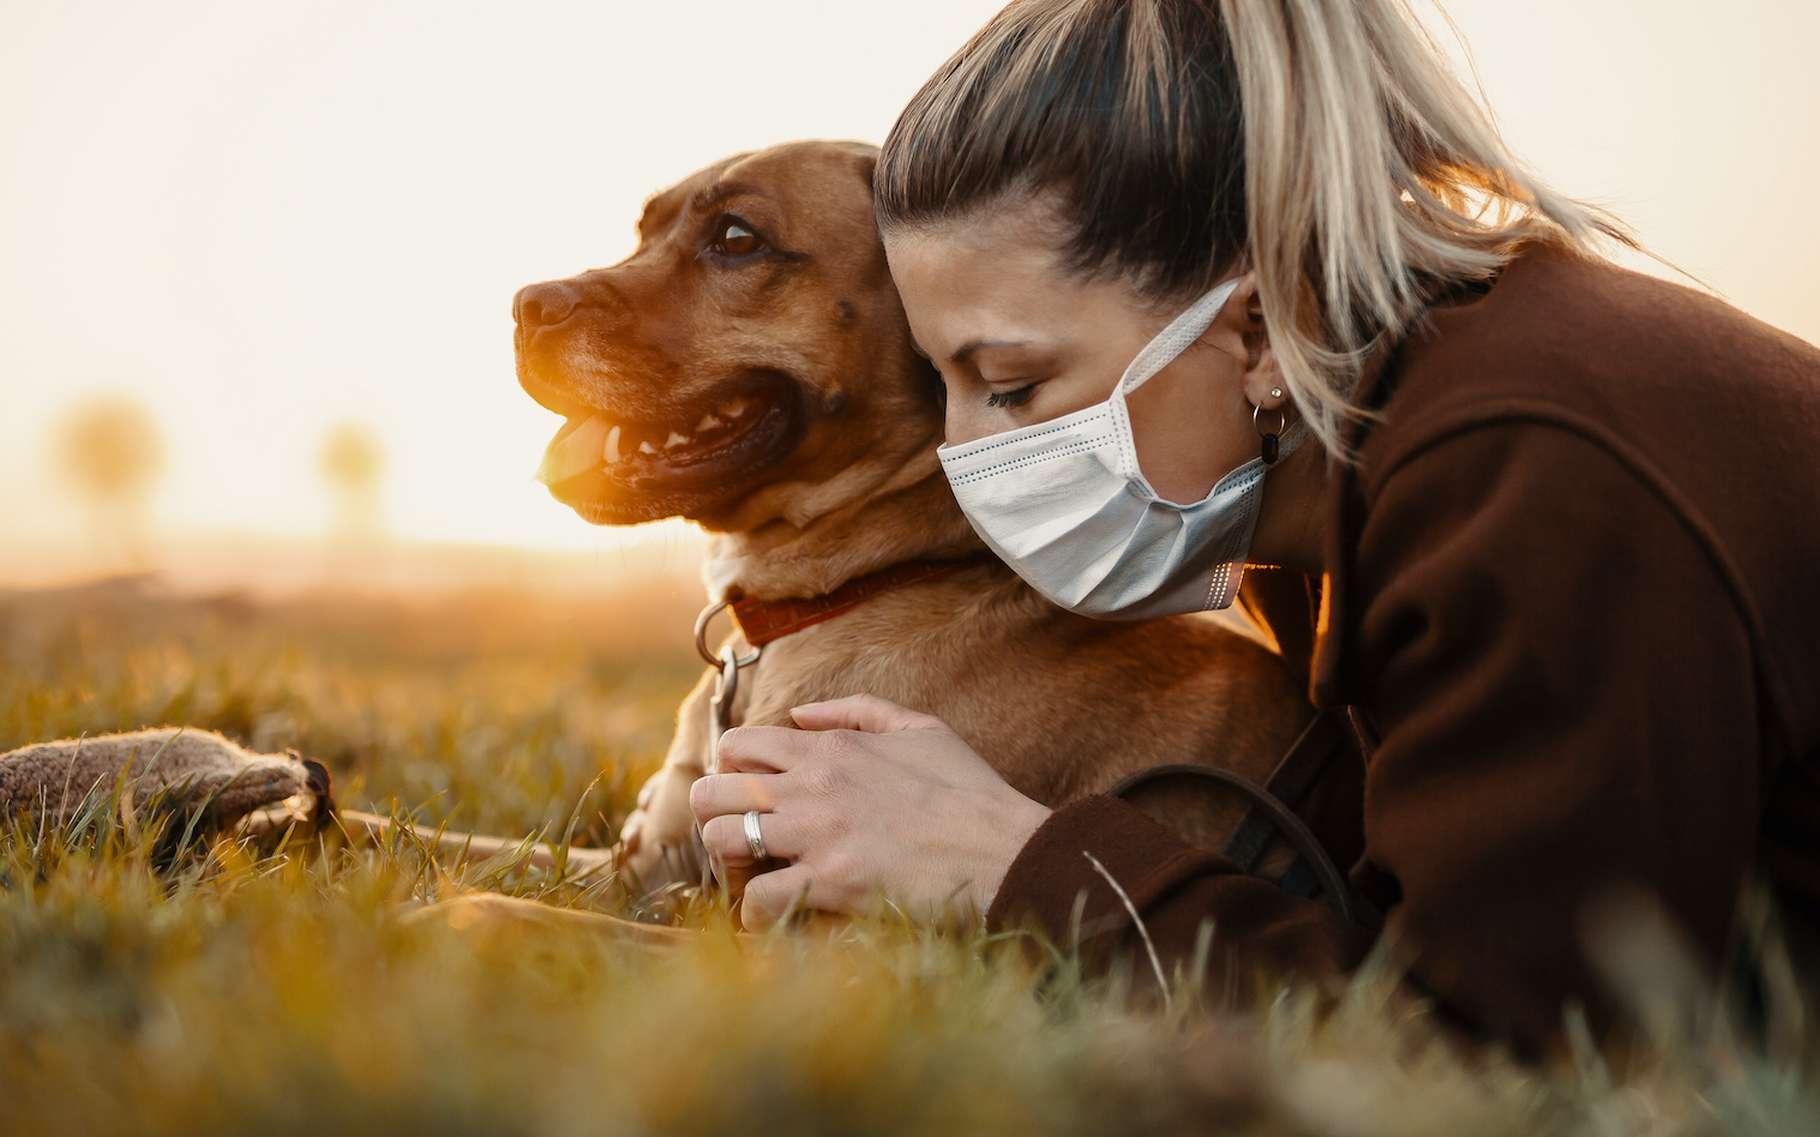 Selon une étude publiée par des chercheurs de l'Institut Pasteur, chiens et chats seraient épargnés par le Covid-19. © MT-R, Adobe Stock